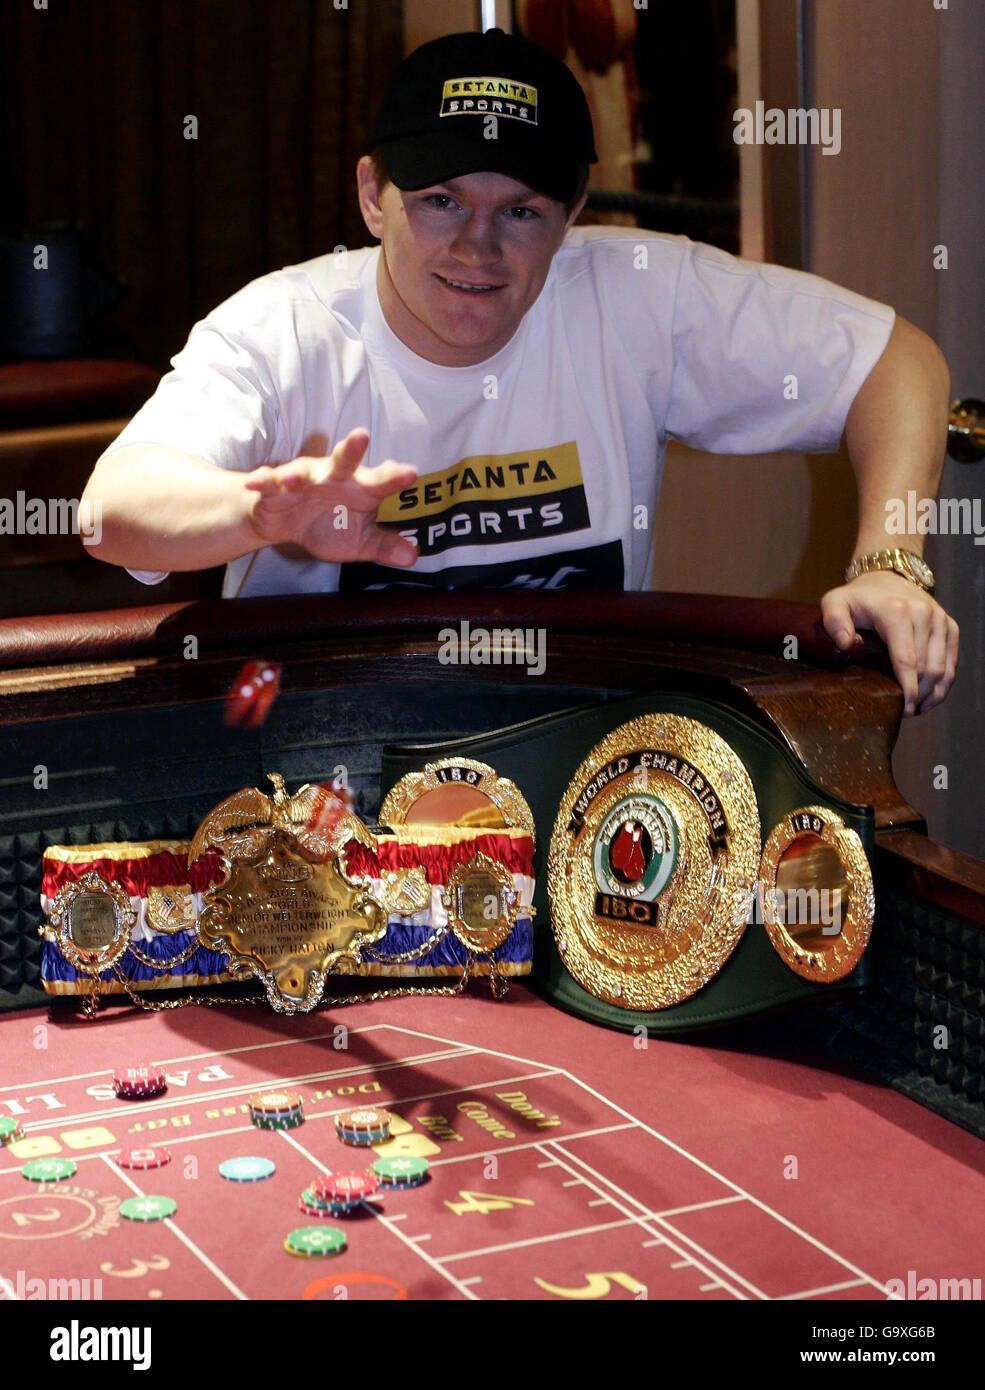 Ricky Hatton durante una llamada de prensa para el lanzamiento de Setanta Sports anunciando que ha asegurado derechos exclusivos de emisión para el mayor evento deportivo mundial, el Sportsman Casino, Londres. Foto de stock